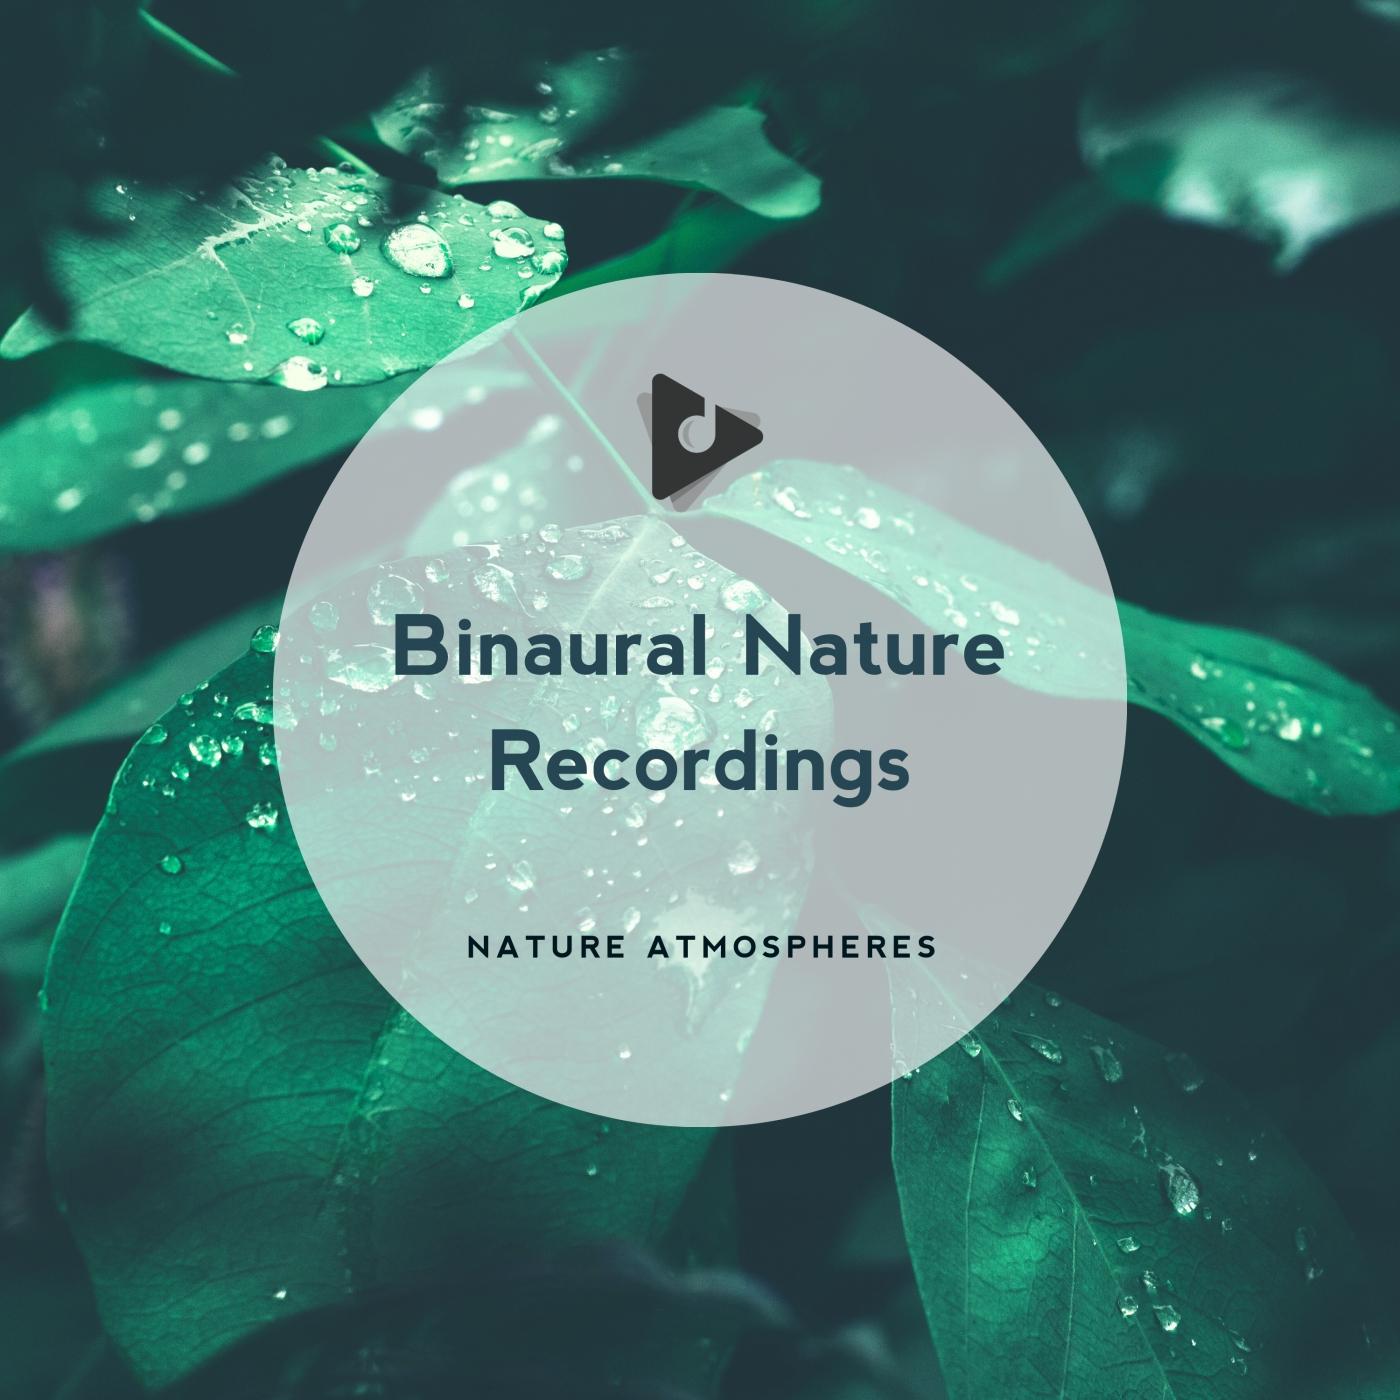 Binaural Nature Recordings